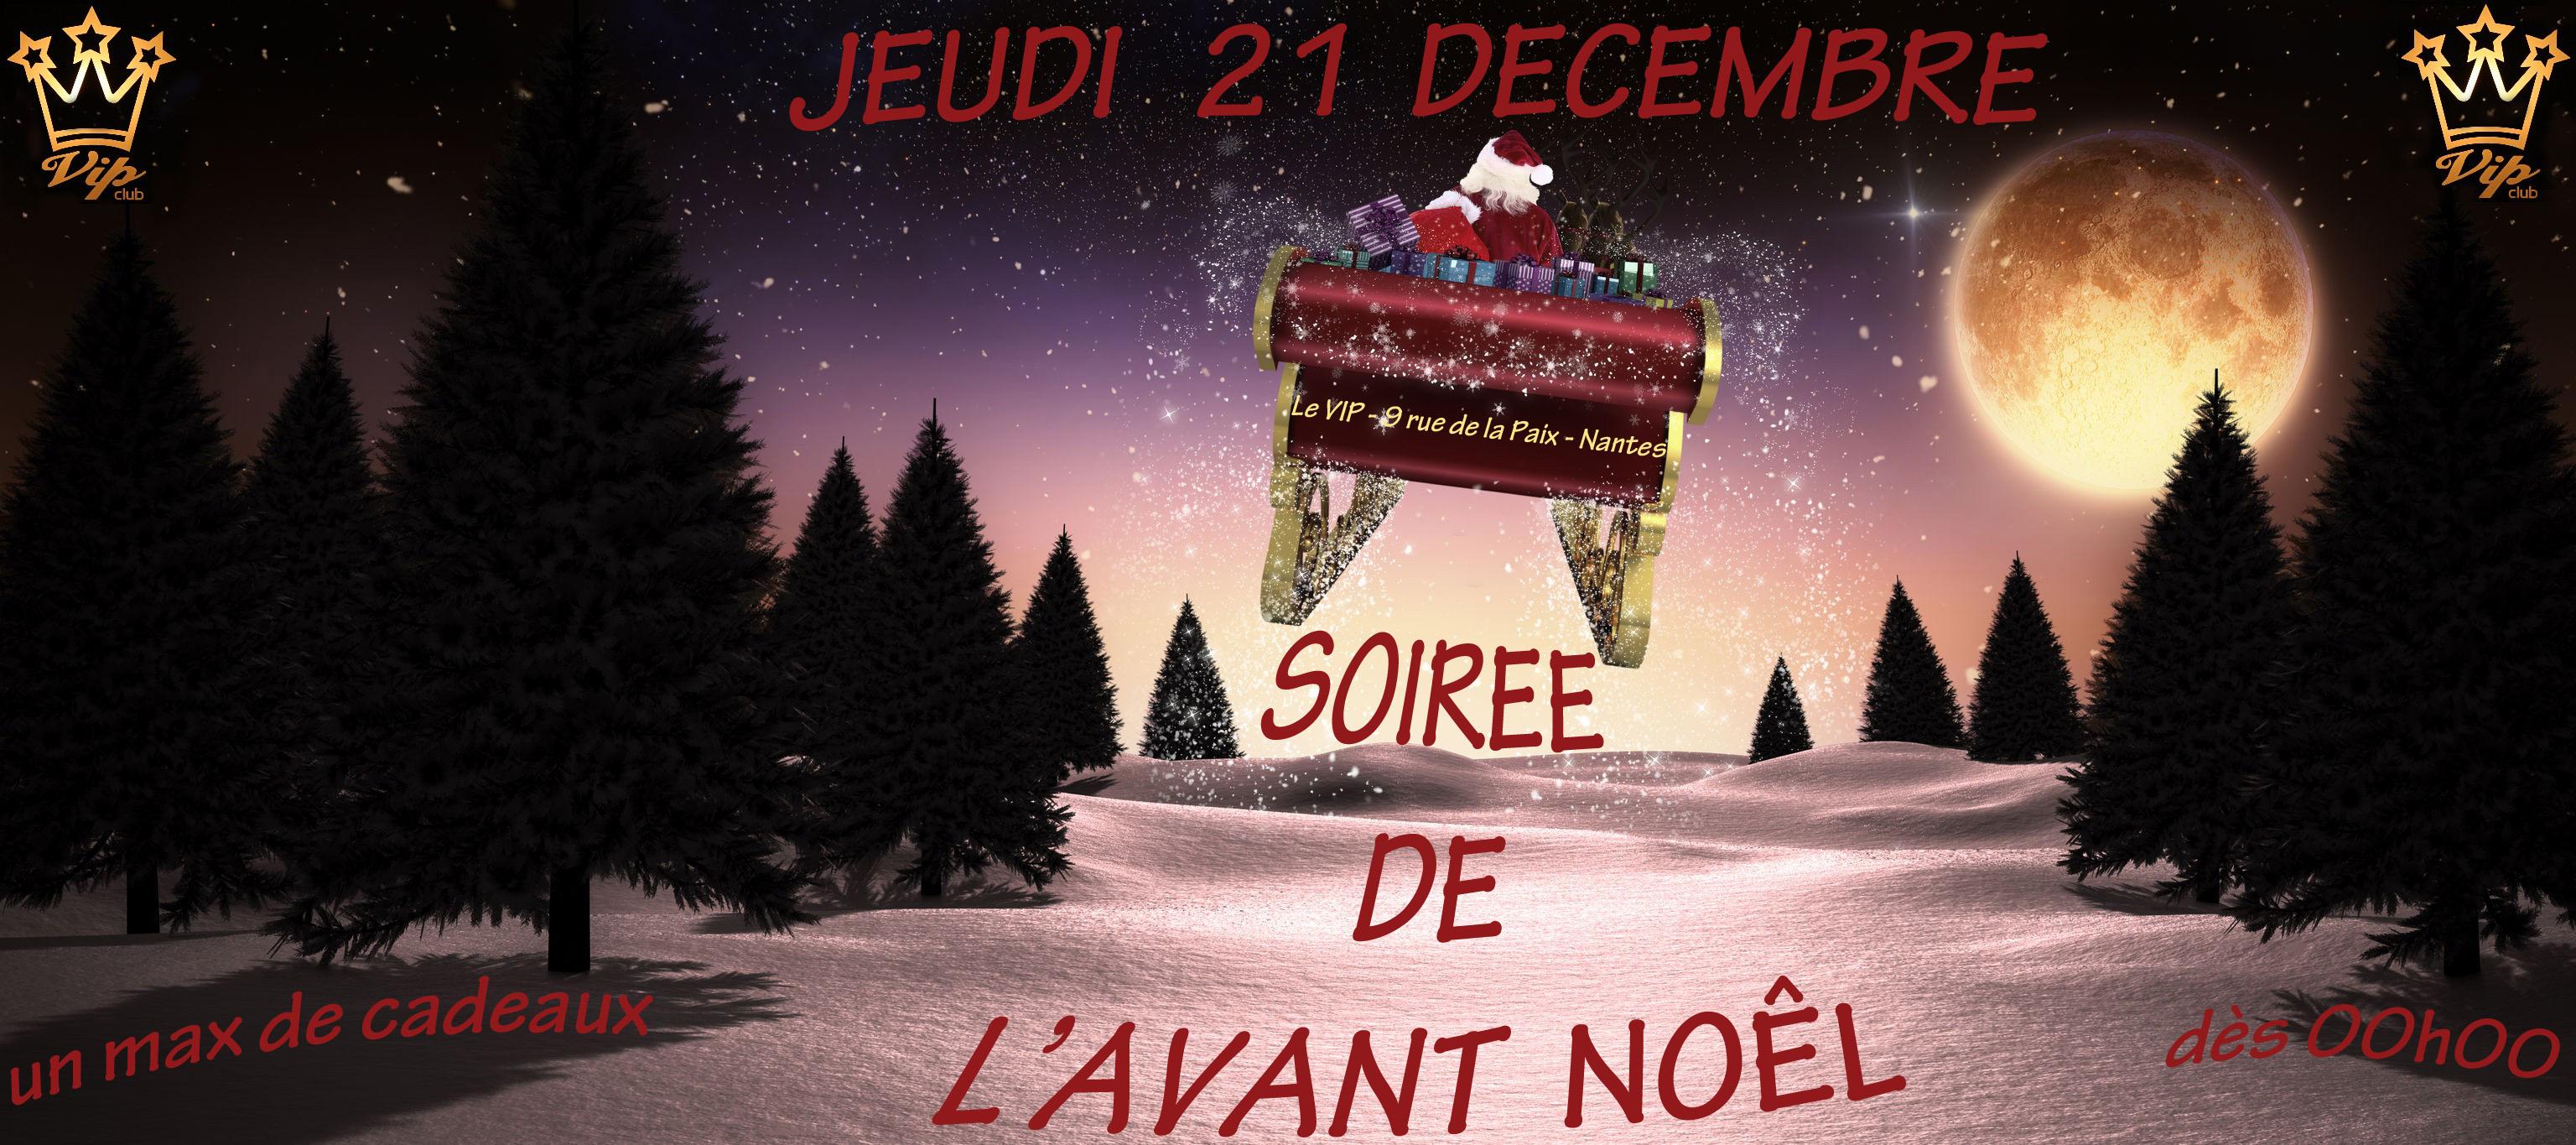 soirée_avant_noel_2